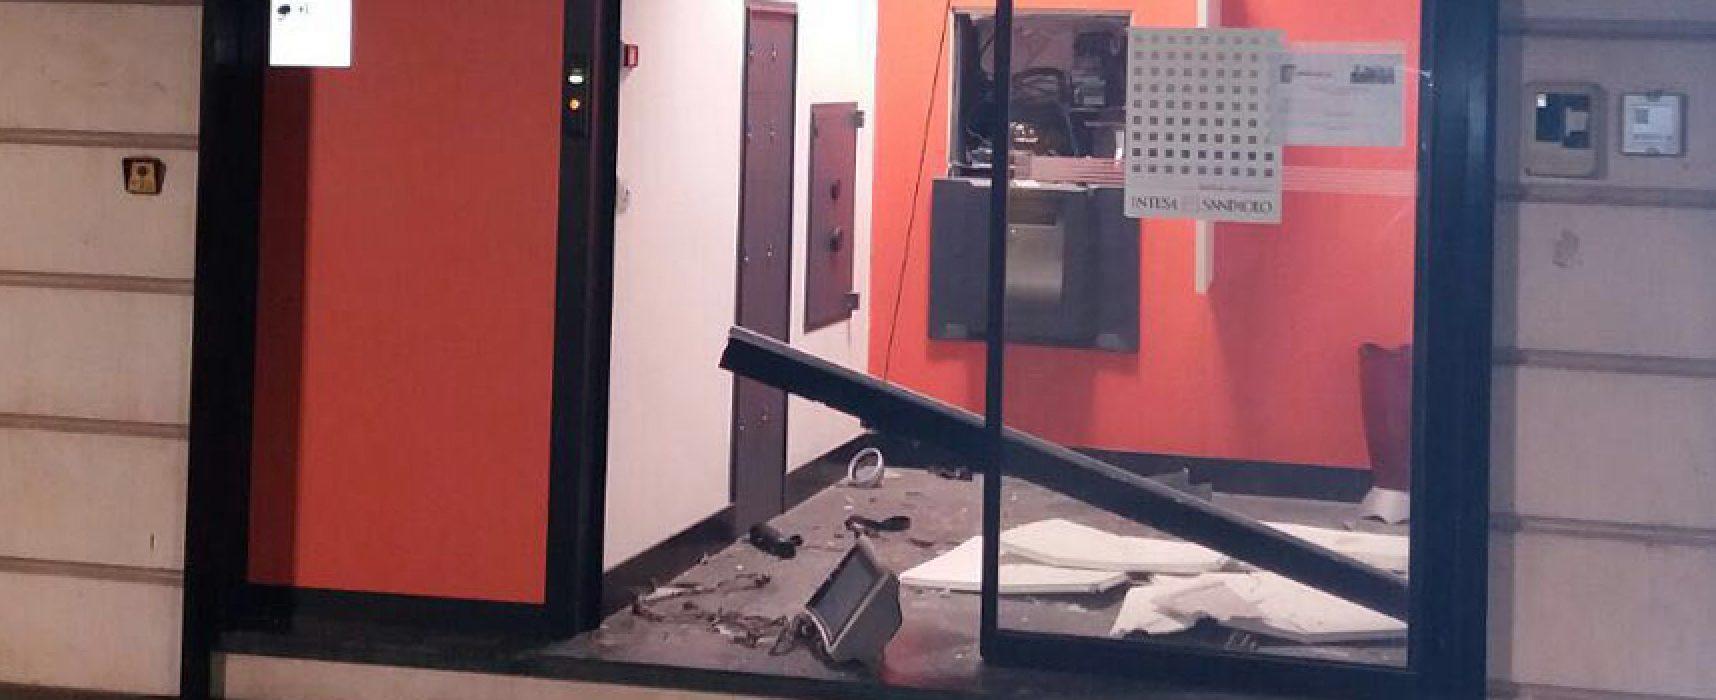 Bomba al bancomat, colpo alla Banca Apulia in via Aldo Moro / FOTO E VIDEO